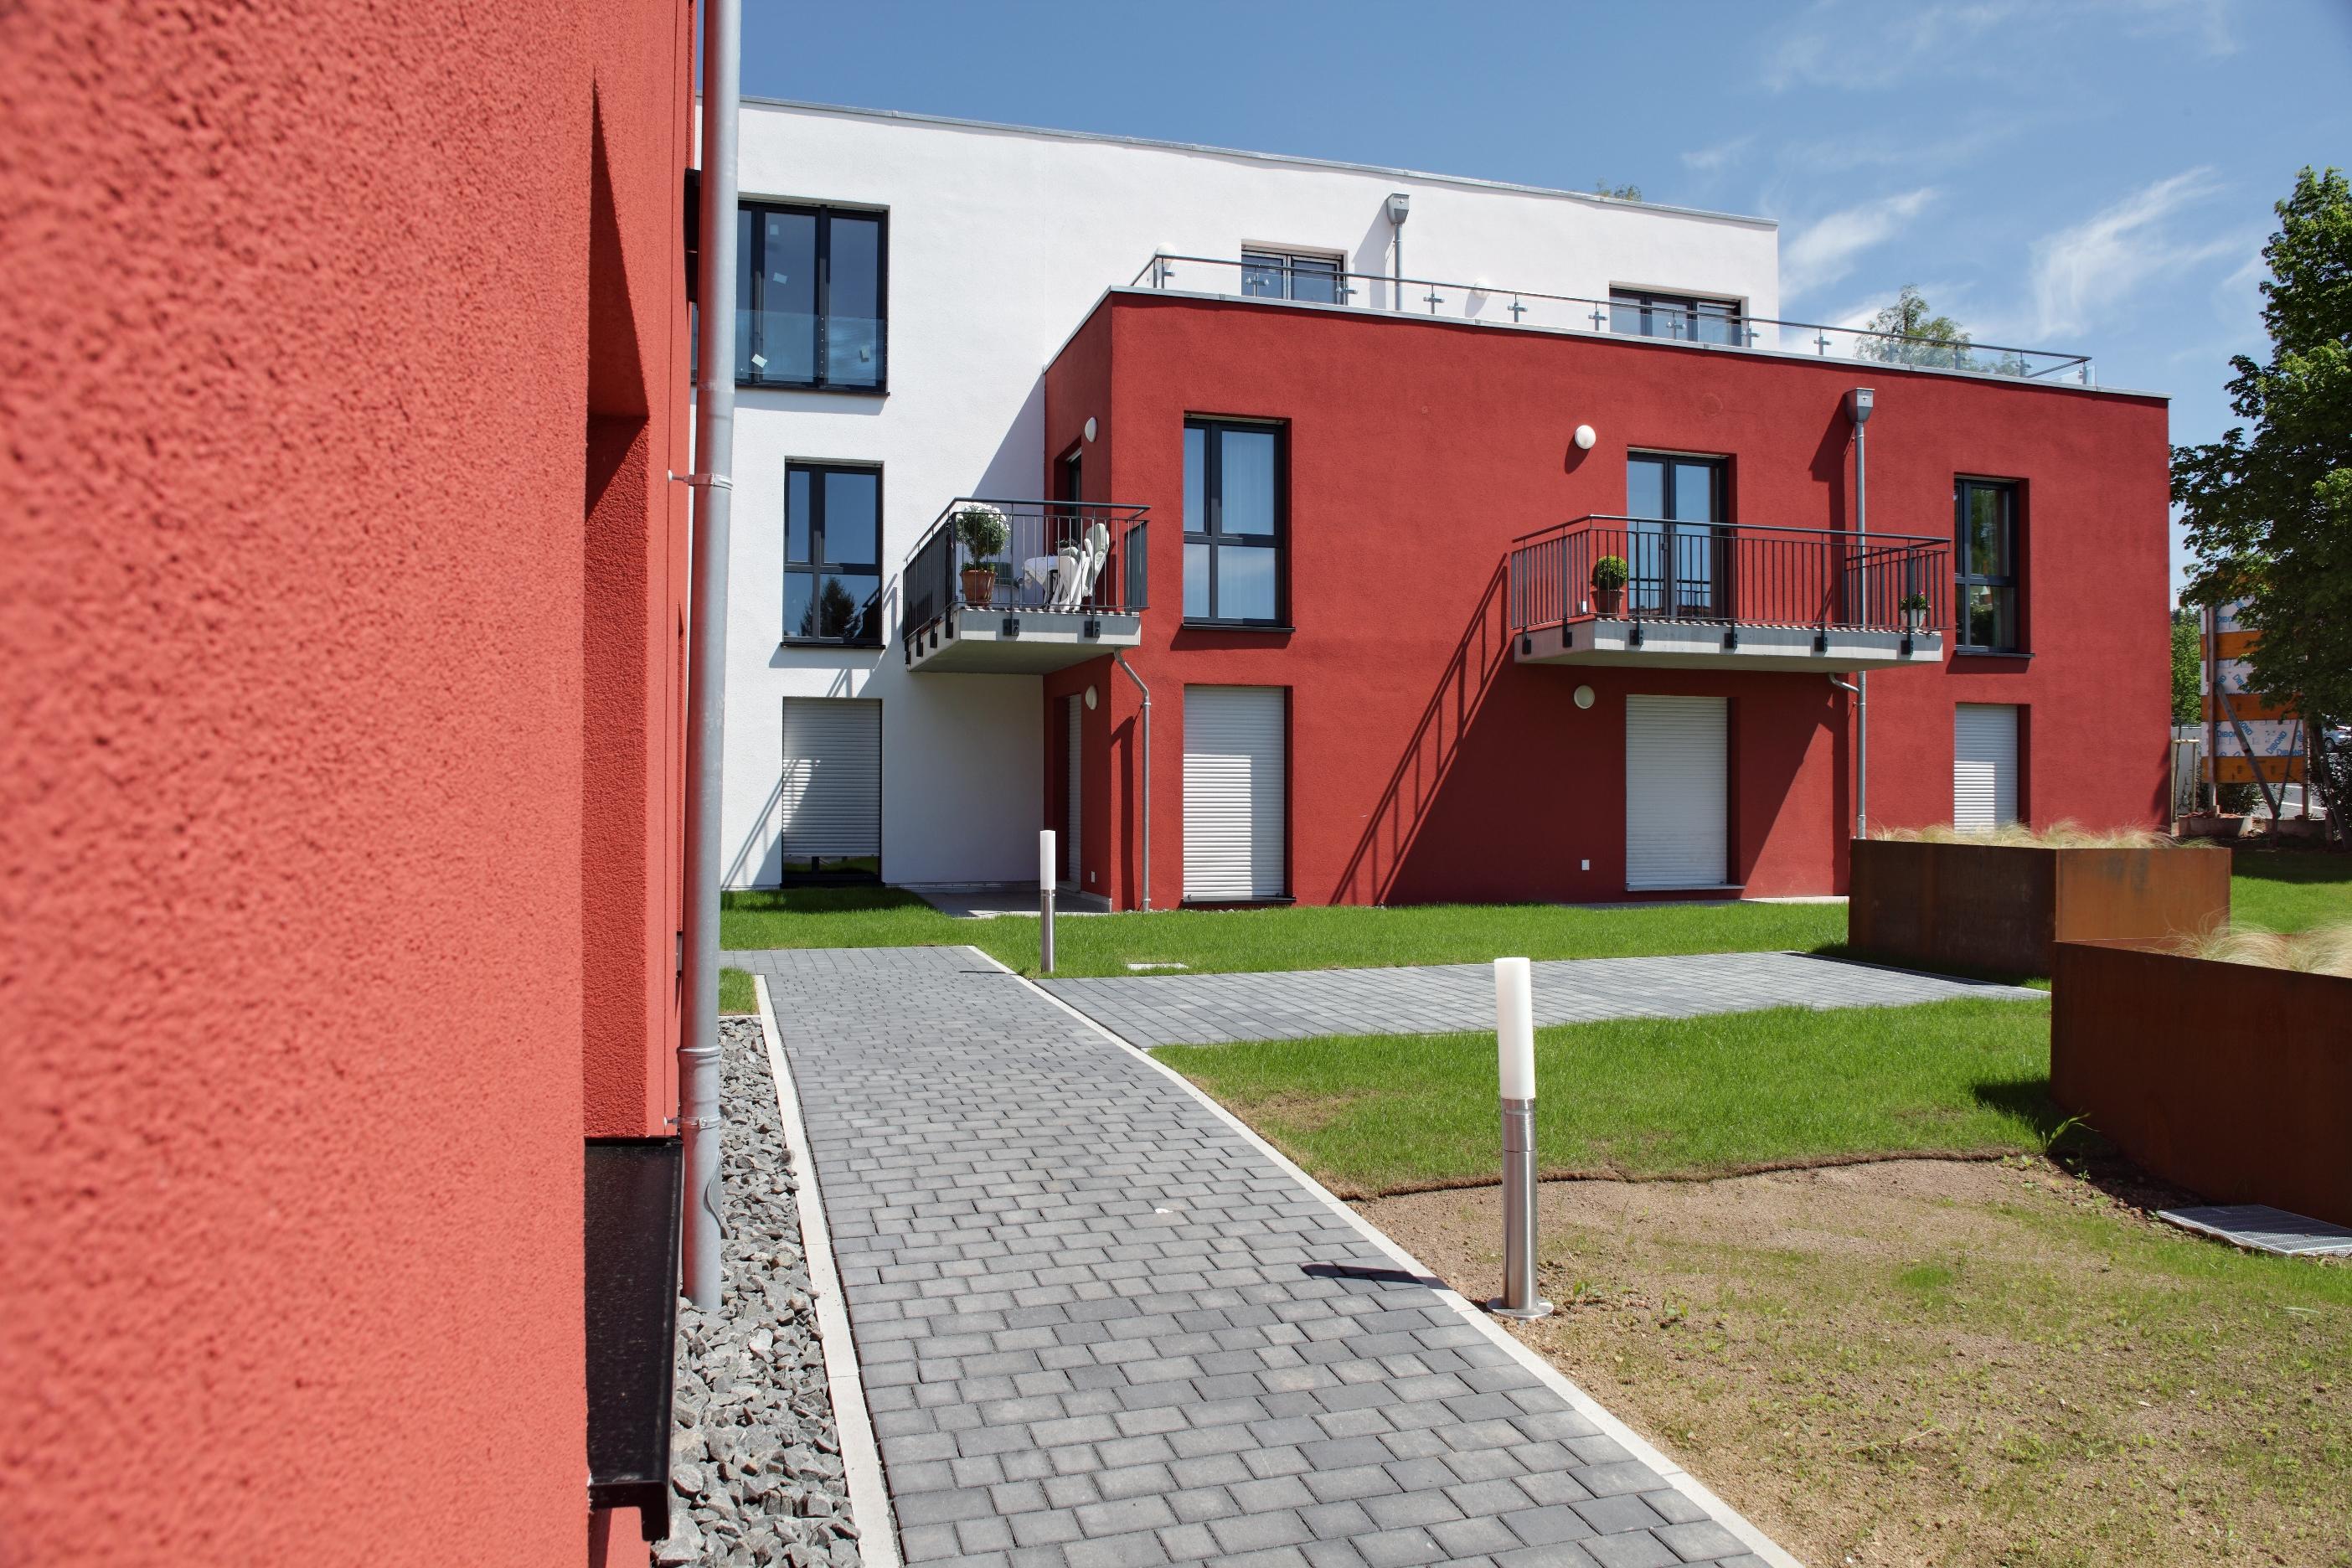 Wohnhaus Zeppelinstraße in Marburg